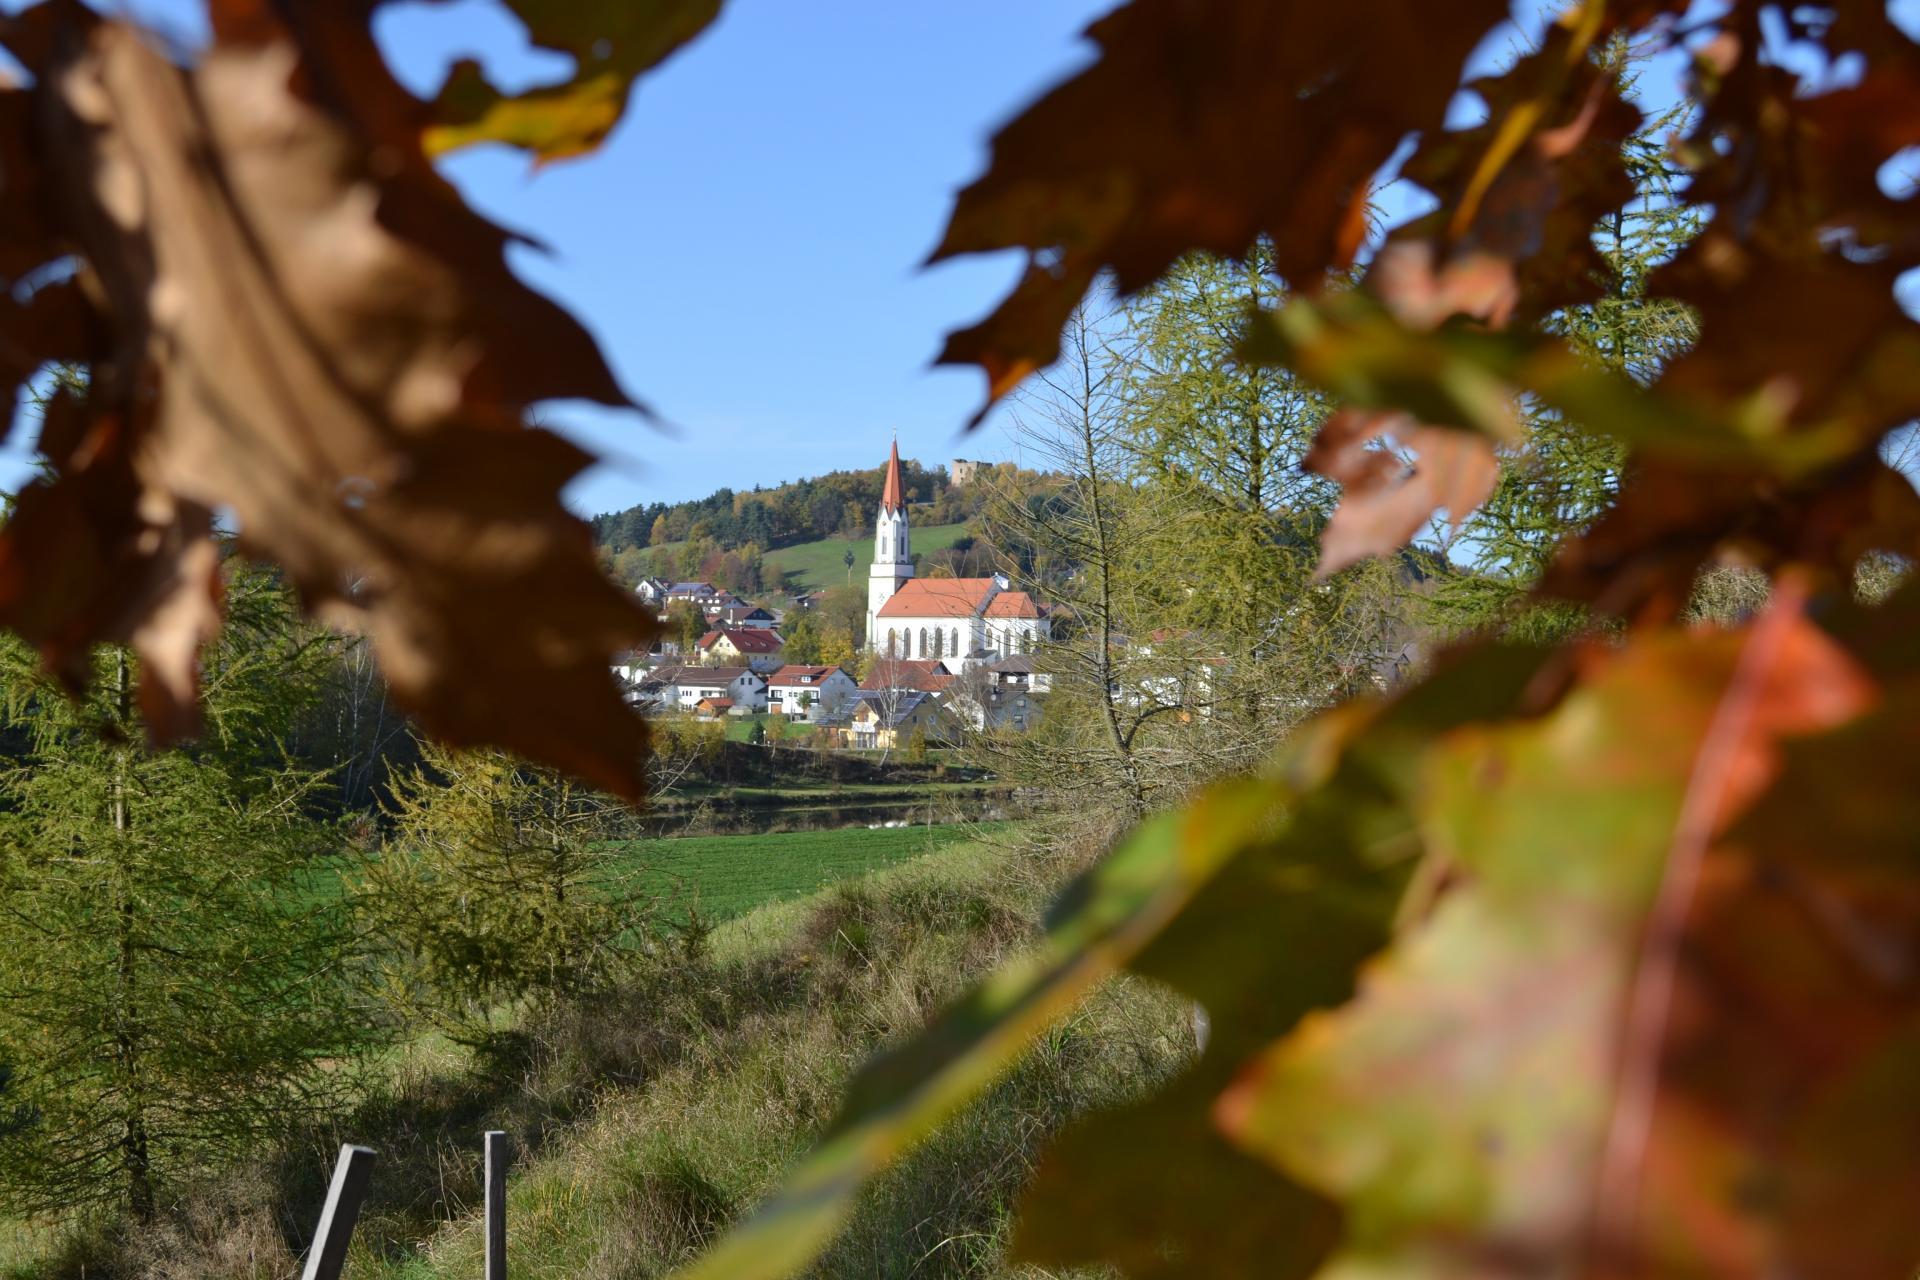 Herbst in der Gemeinde Zell